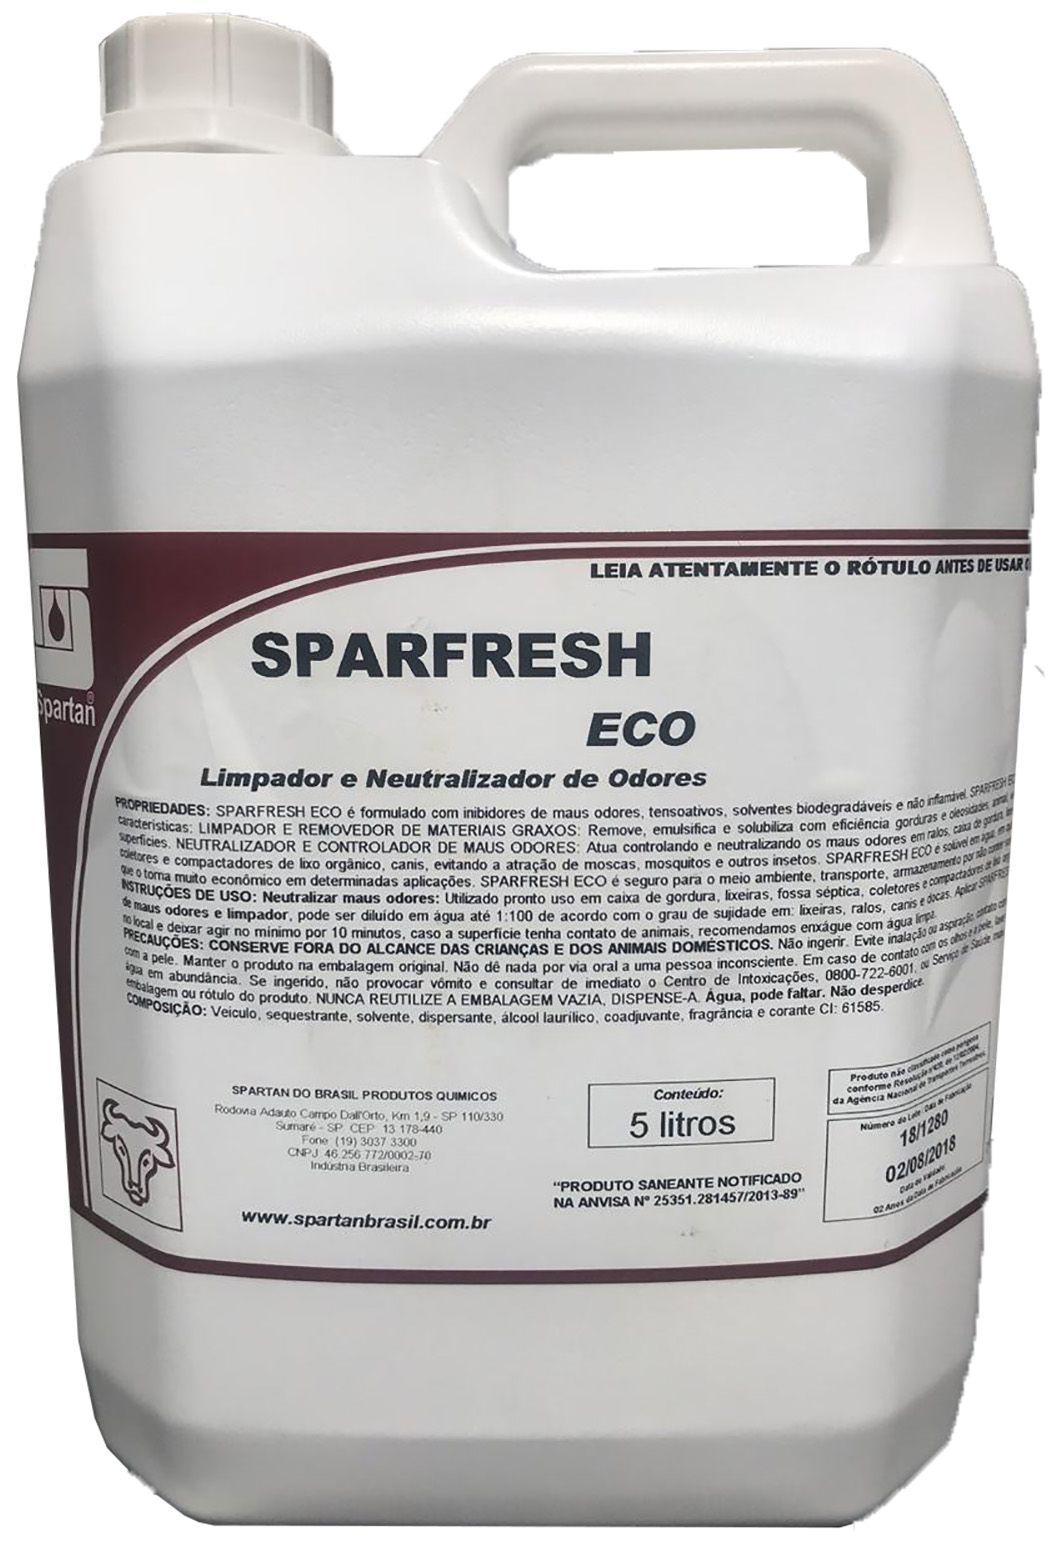 Limpador e Neutralizador de Odores Sparfresh Eco 5L Spartan